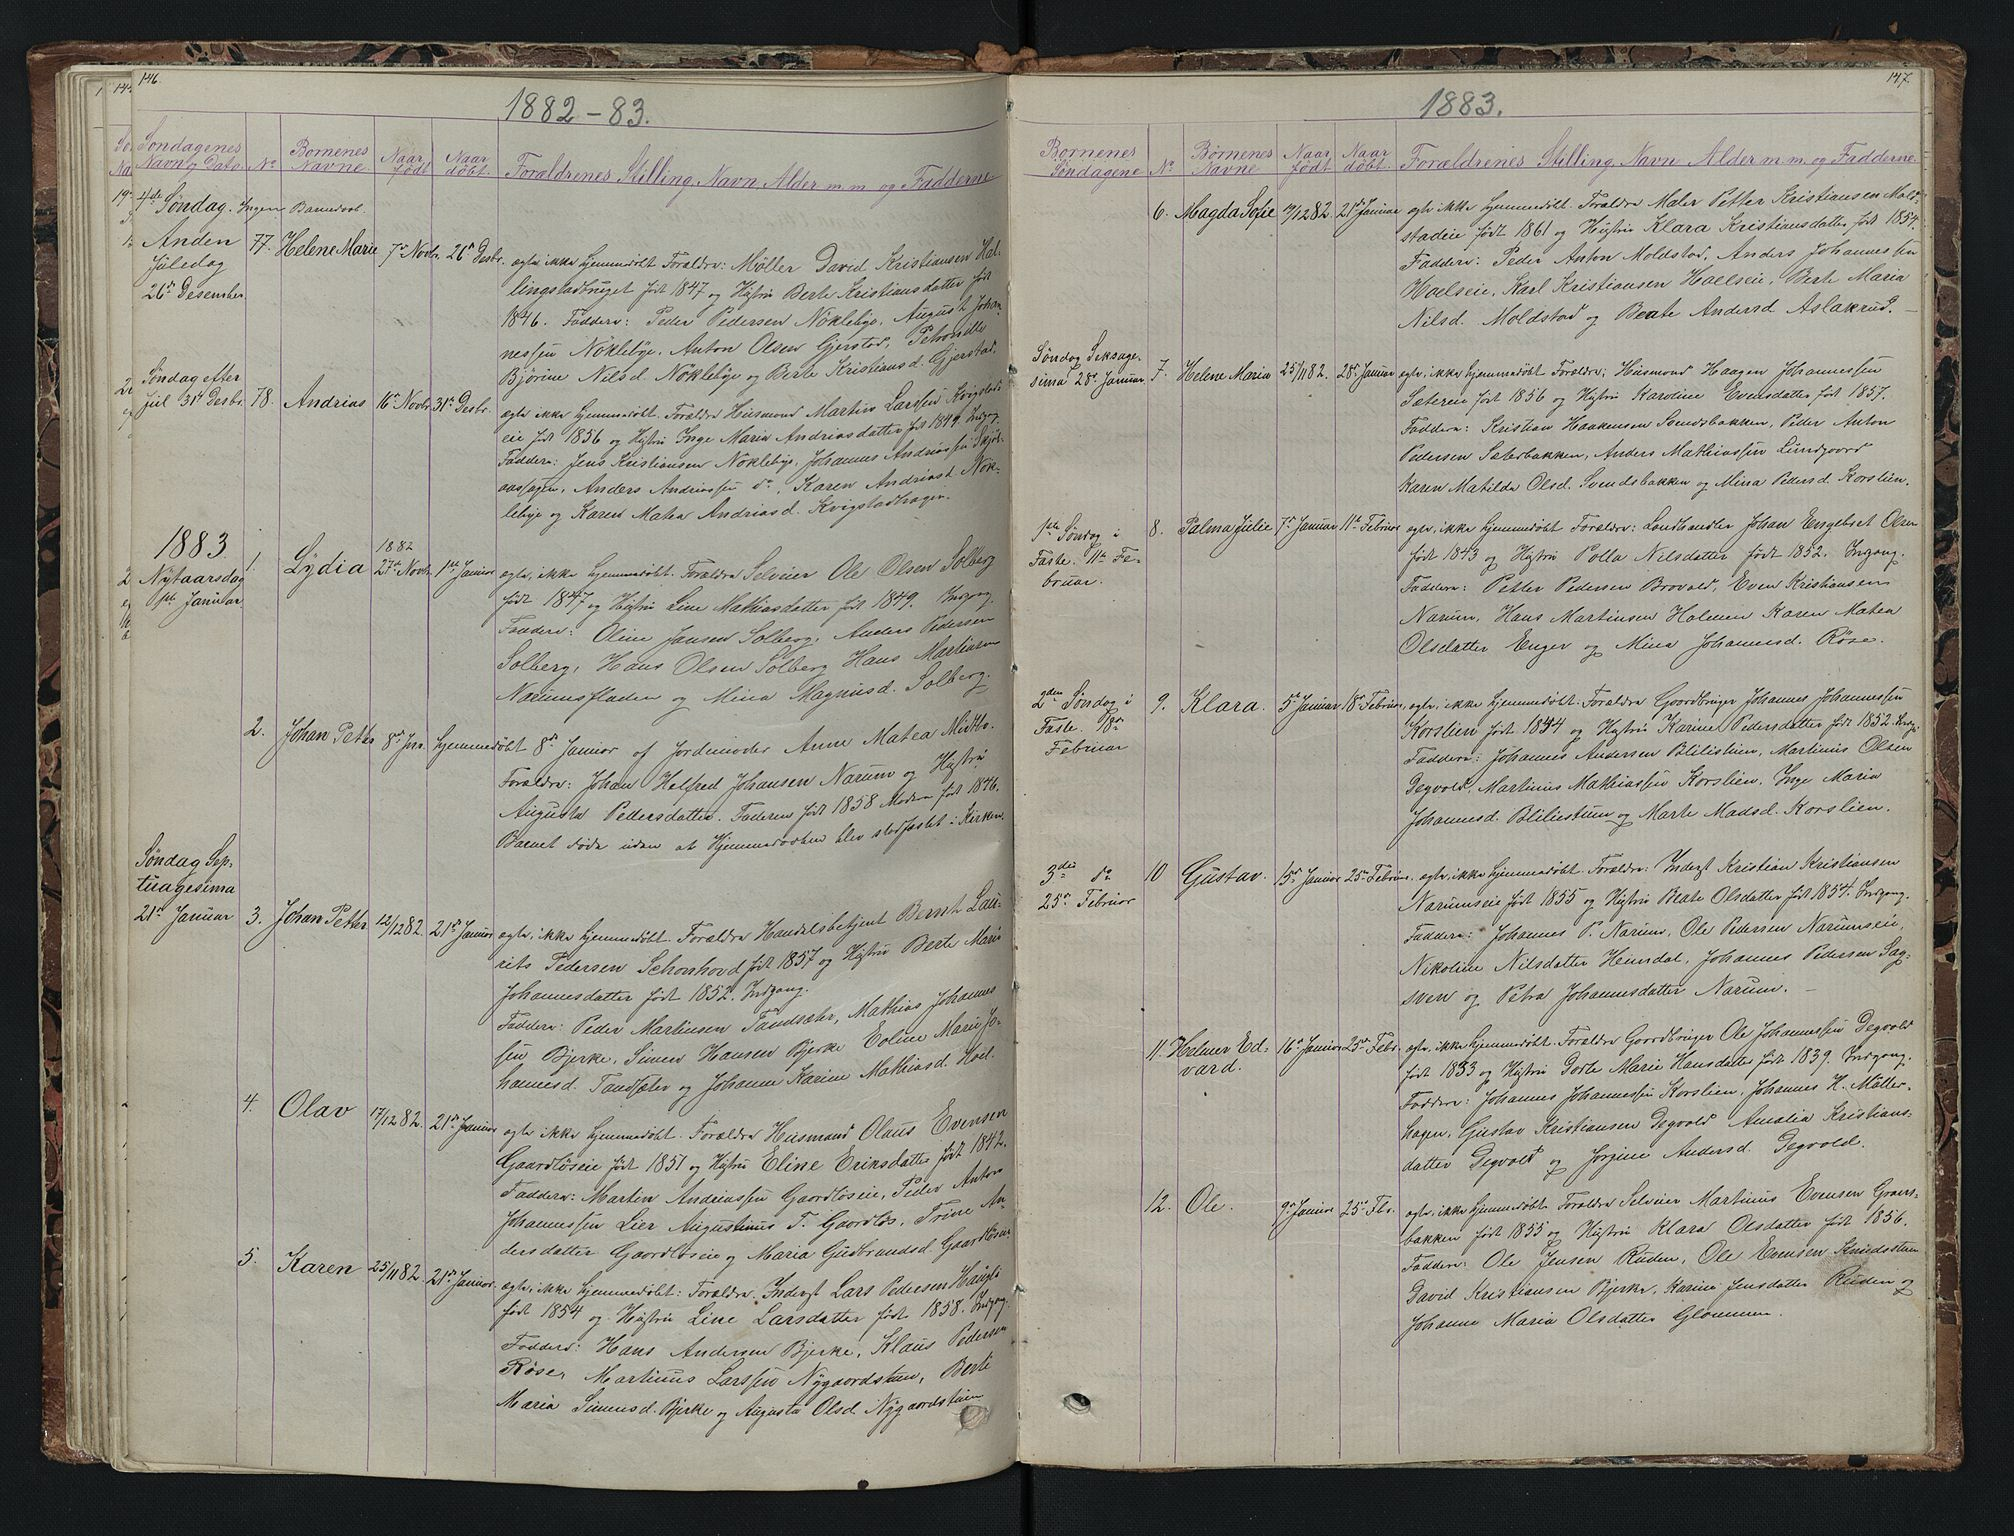 SAH, Vestre Toten prestekontor, Klokkerbok nr. 7, 1872-1900, s. 146-147